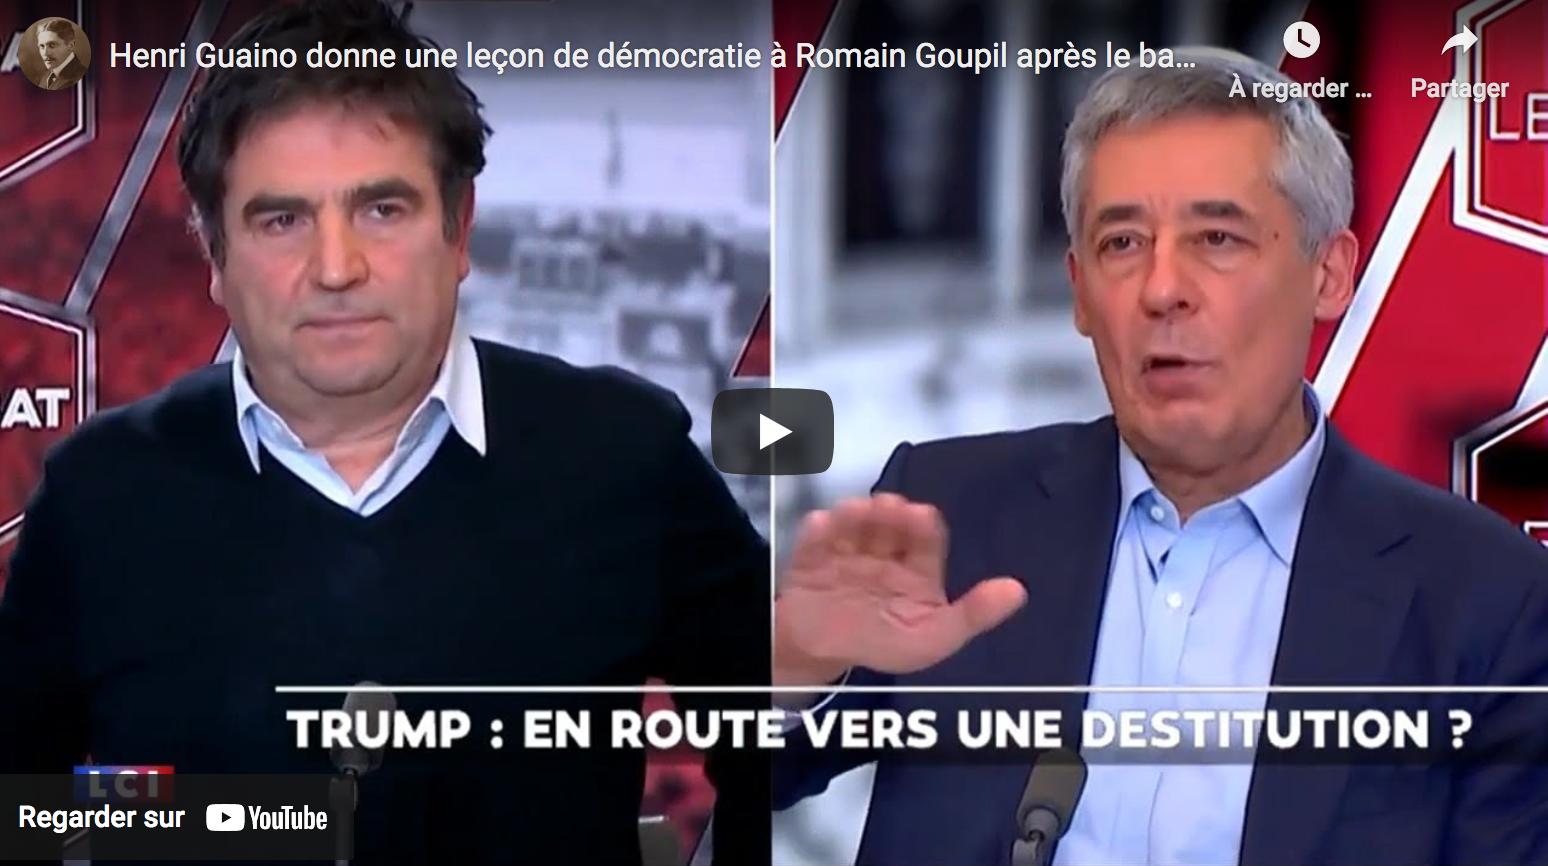 Henri Guaino donne une leçon de démocratie à Romain Goupil après le bannissement de Donald Trump de Twitter (VIDÉO)